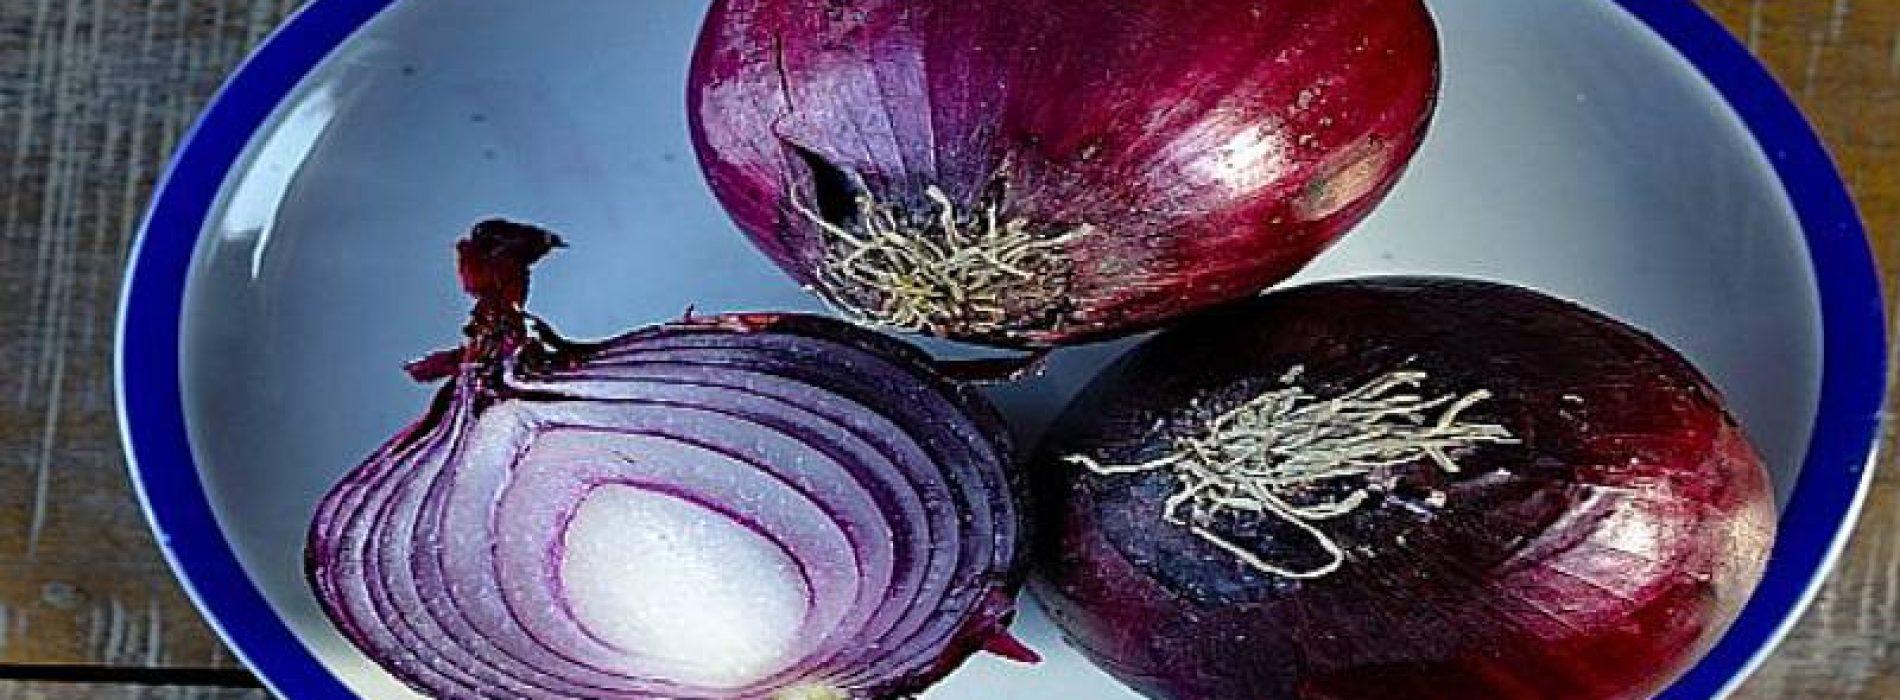 Eet meer rode uien: het voorkomt hartaanval, lagere bloedsuikerspiegel en bloeddruk